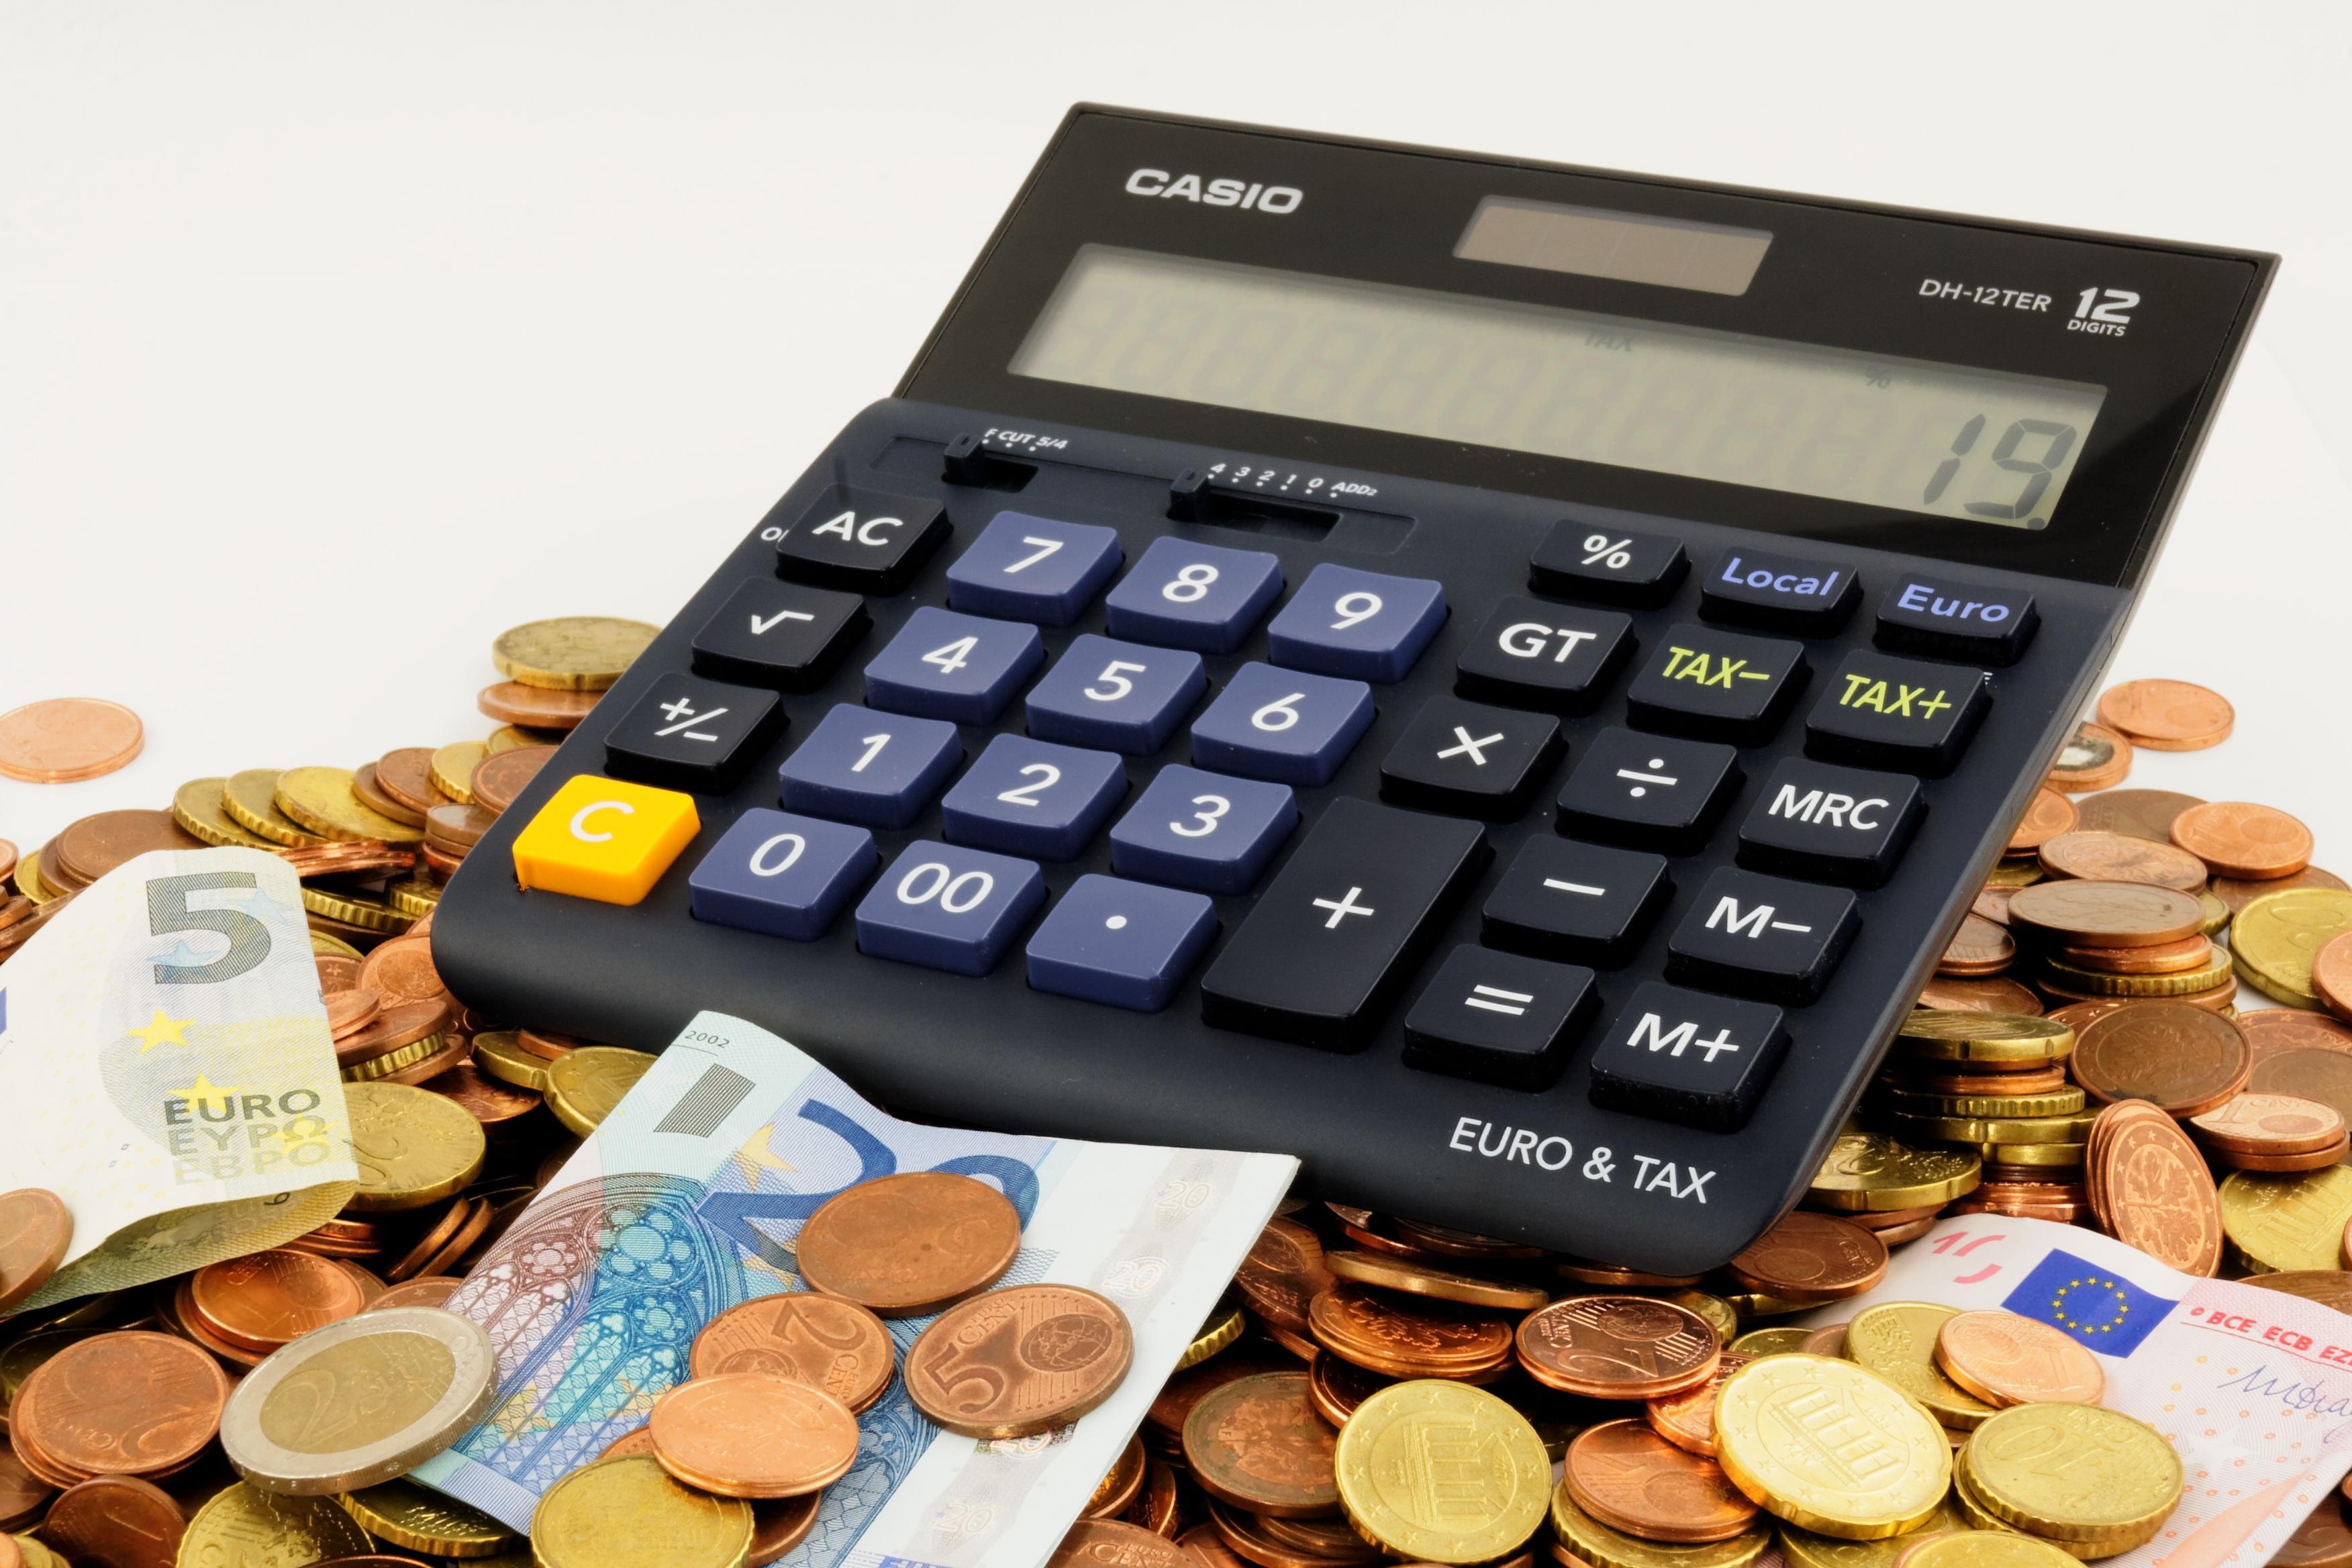 Taschenrechner auf Euro-Münzen